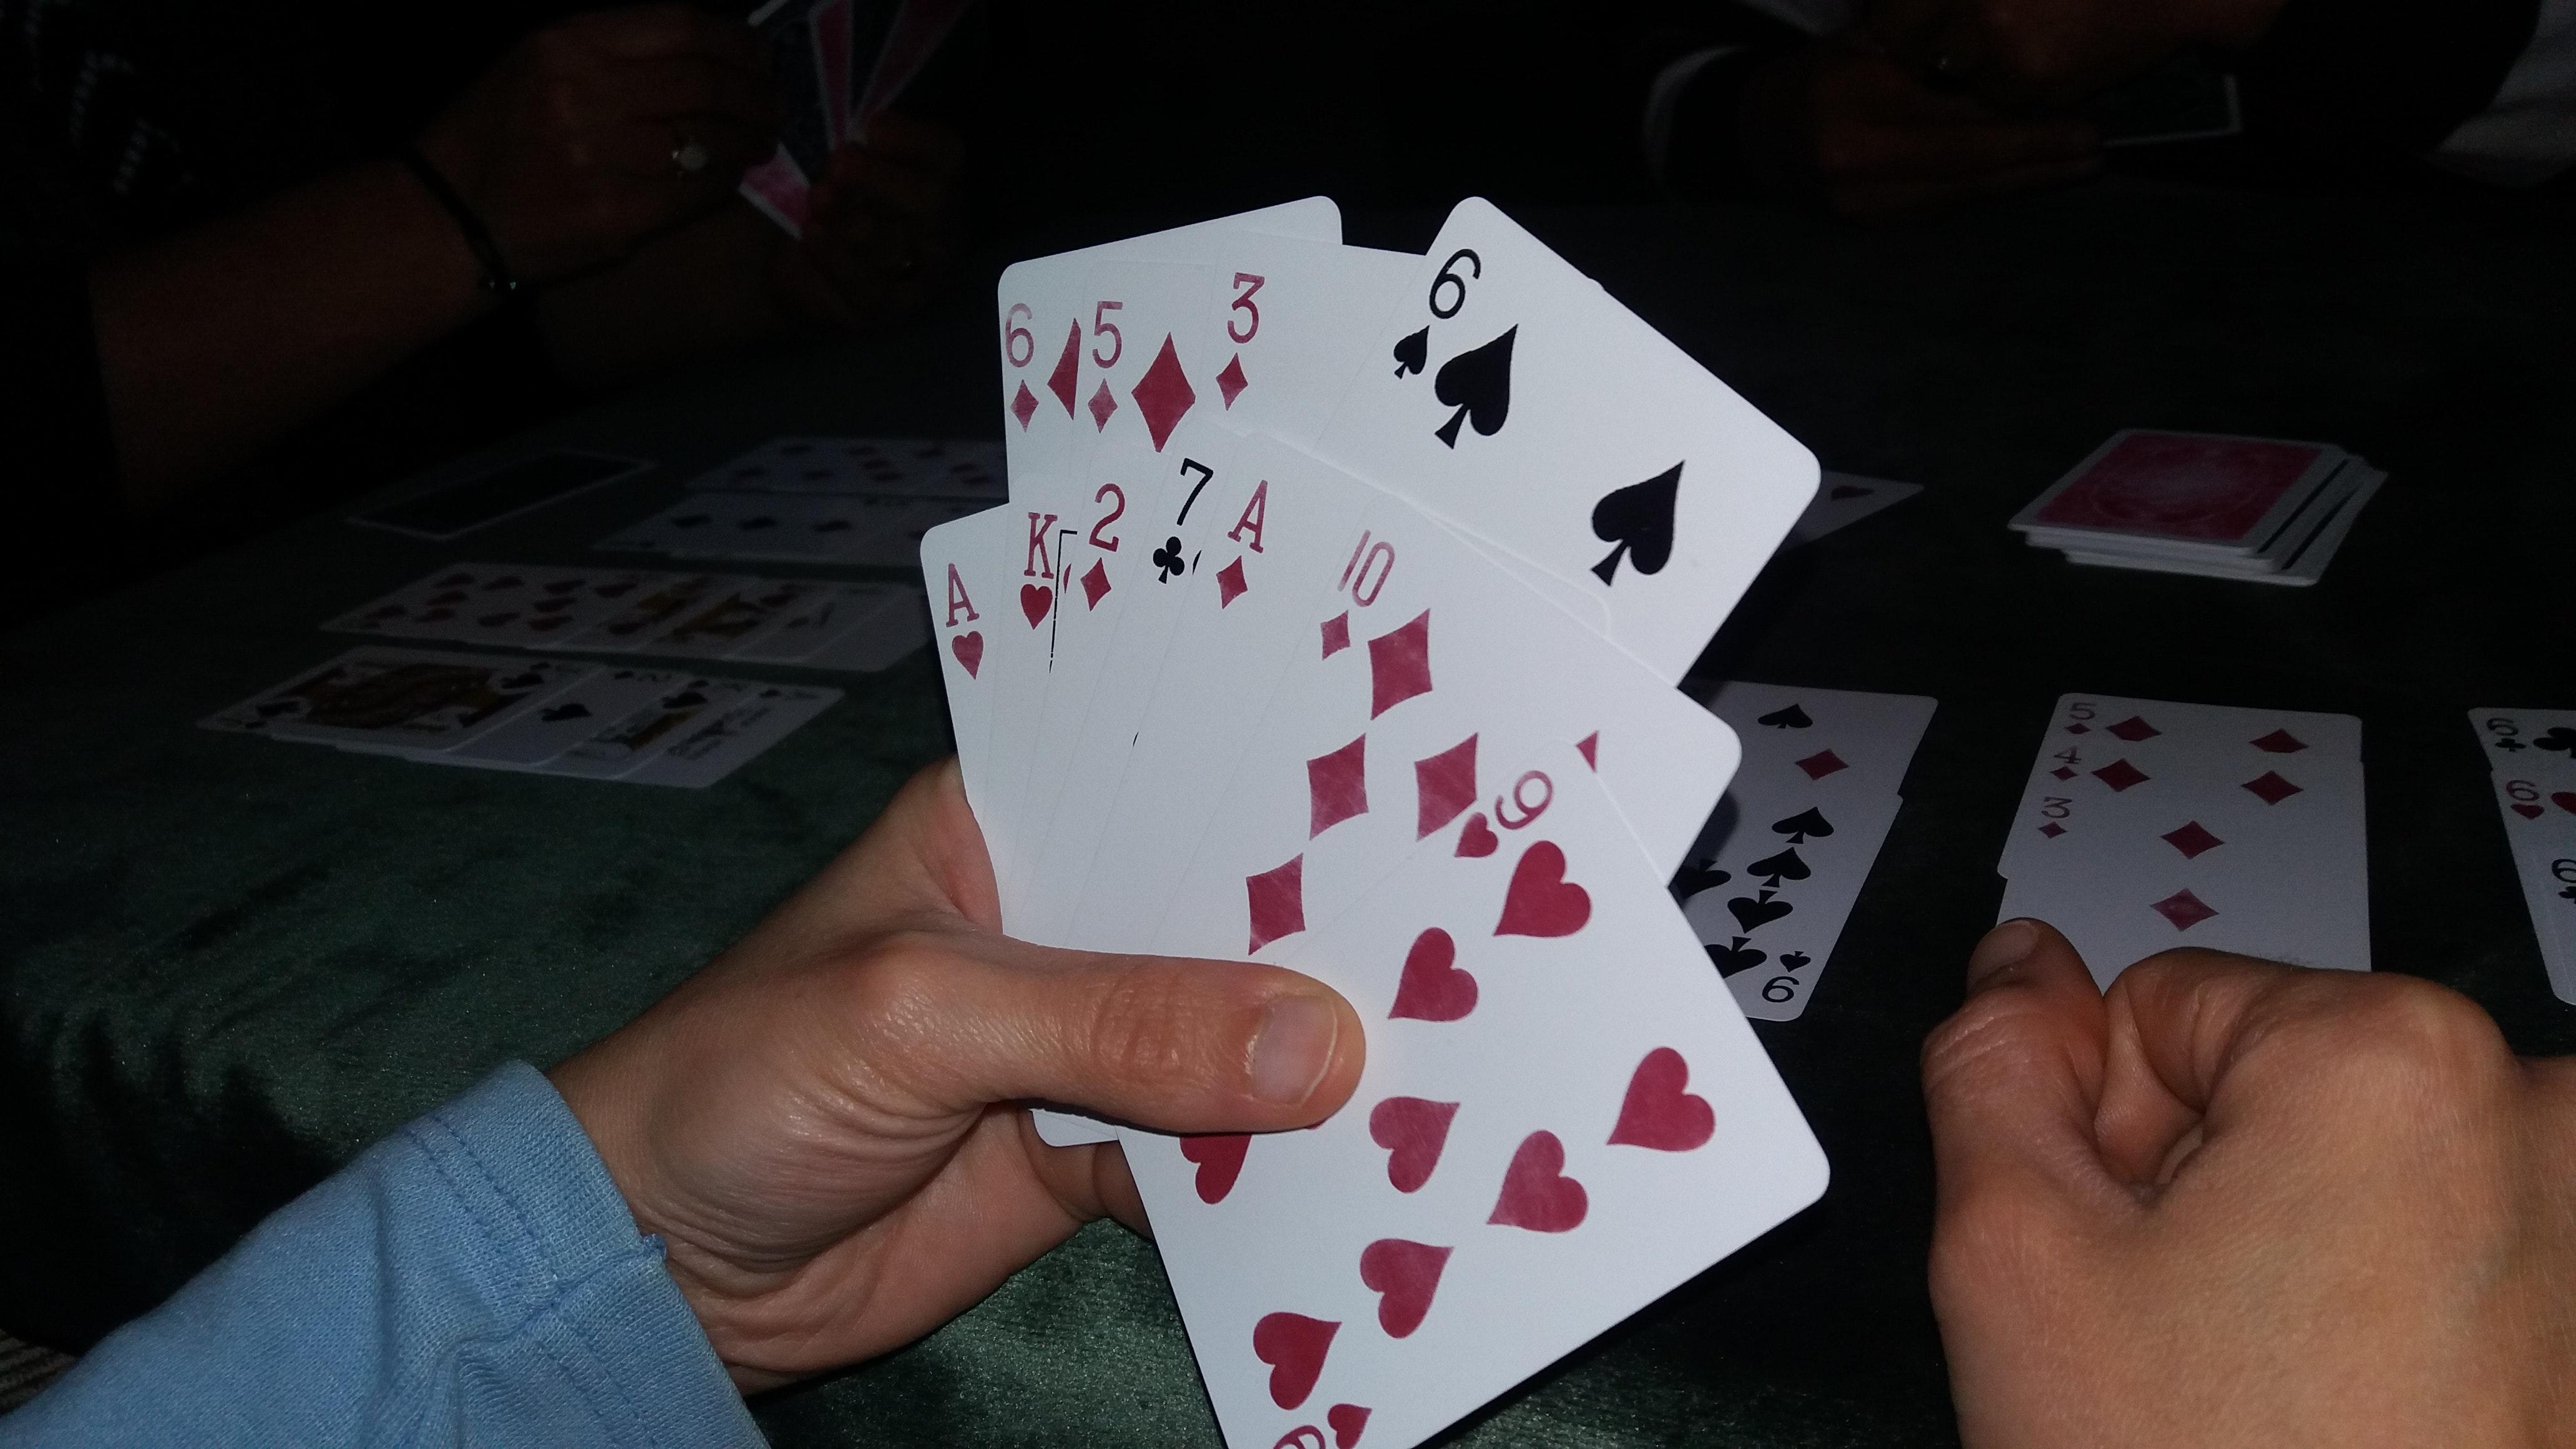 Bermain Poker Online Terpercaya 2019, Hindari Kekeliruan yang Dilakukan